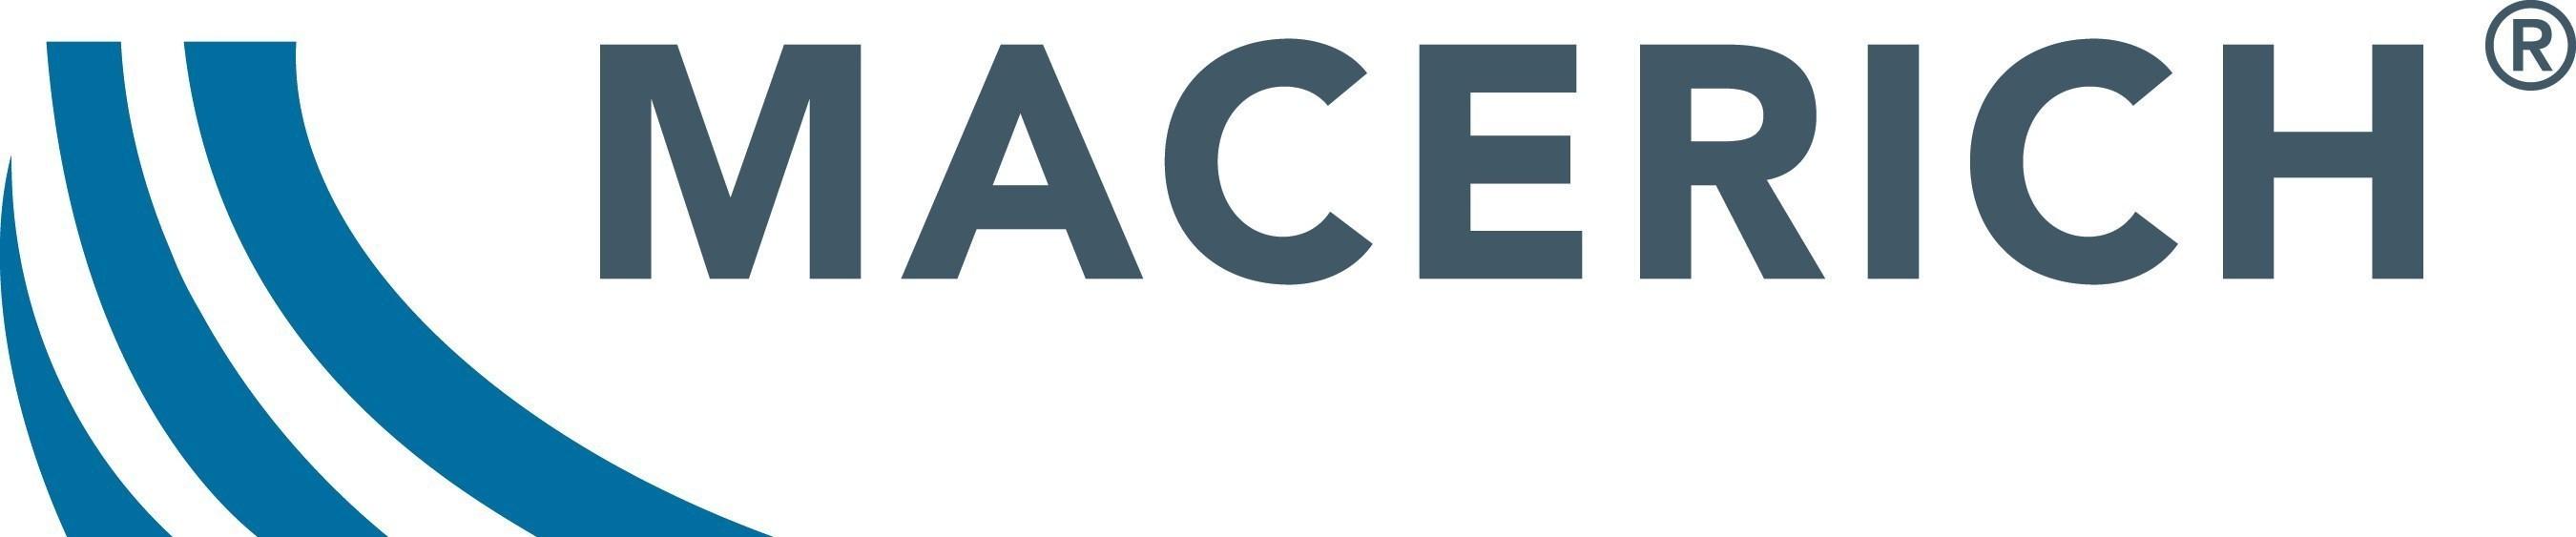 Macerich Company Logo